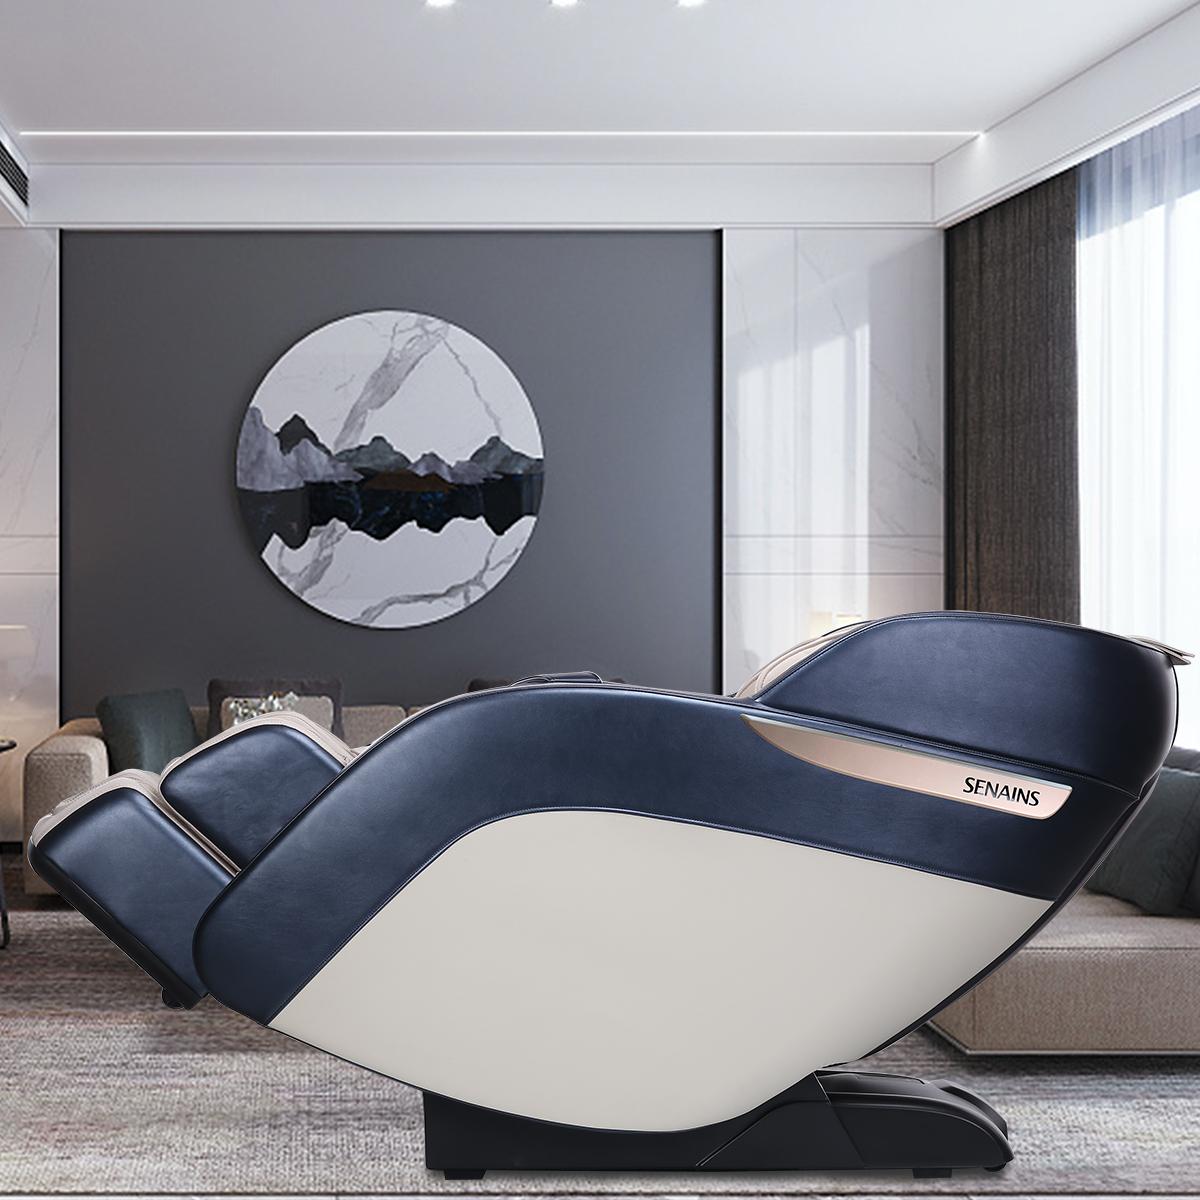 德国SENAINS豪华按摩椅家用全身小型电动全自动老人太空舱躺椅 S4